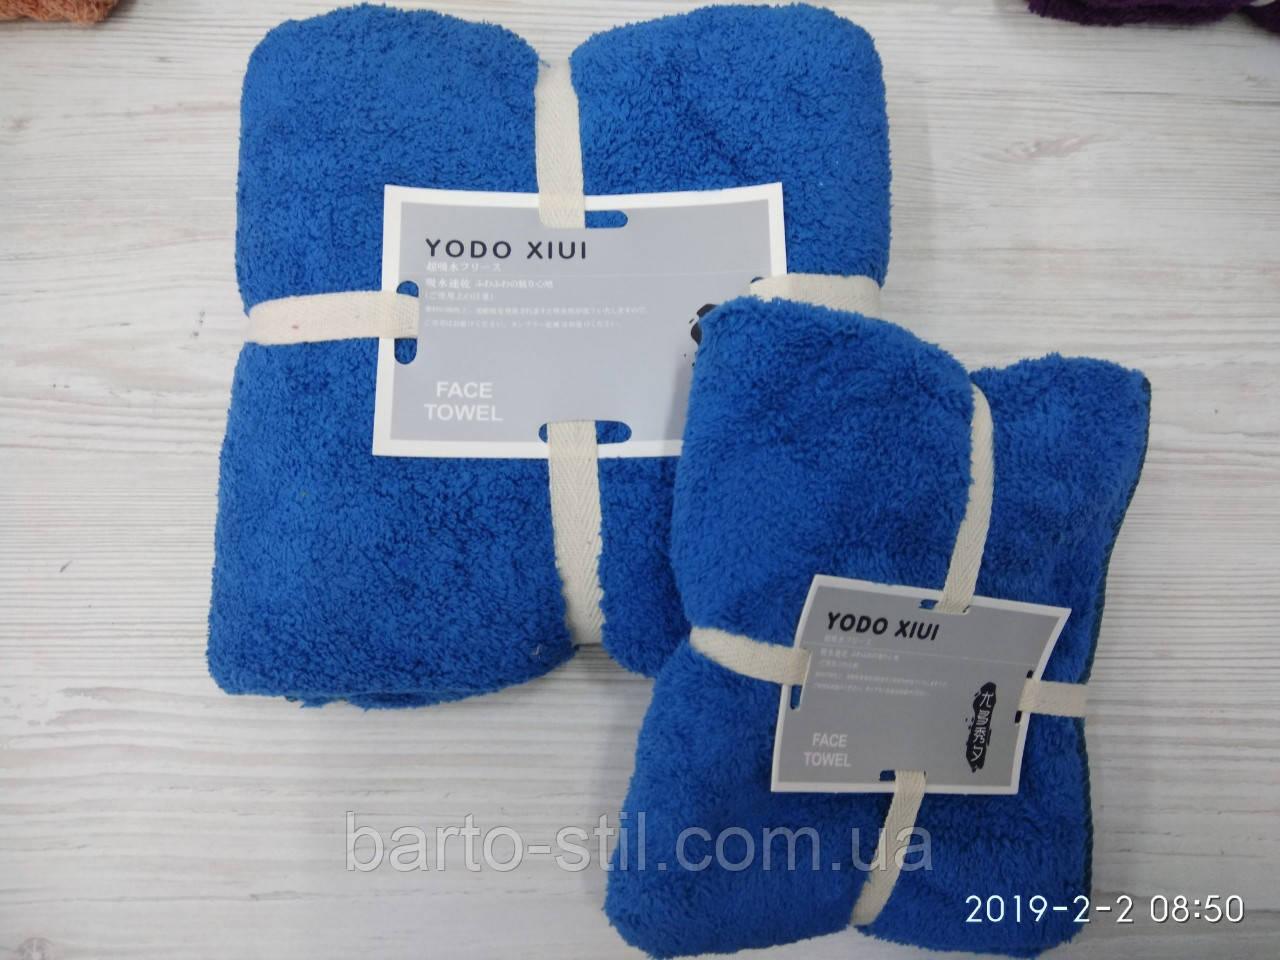 Полотенца микрофибра (лицо+баня) в подарочной упаковке